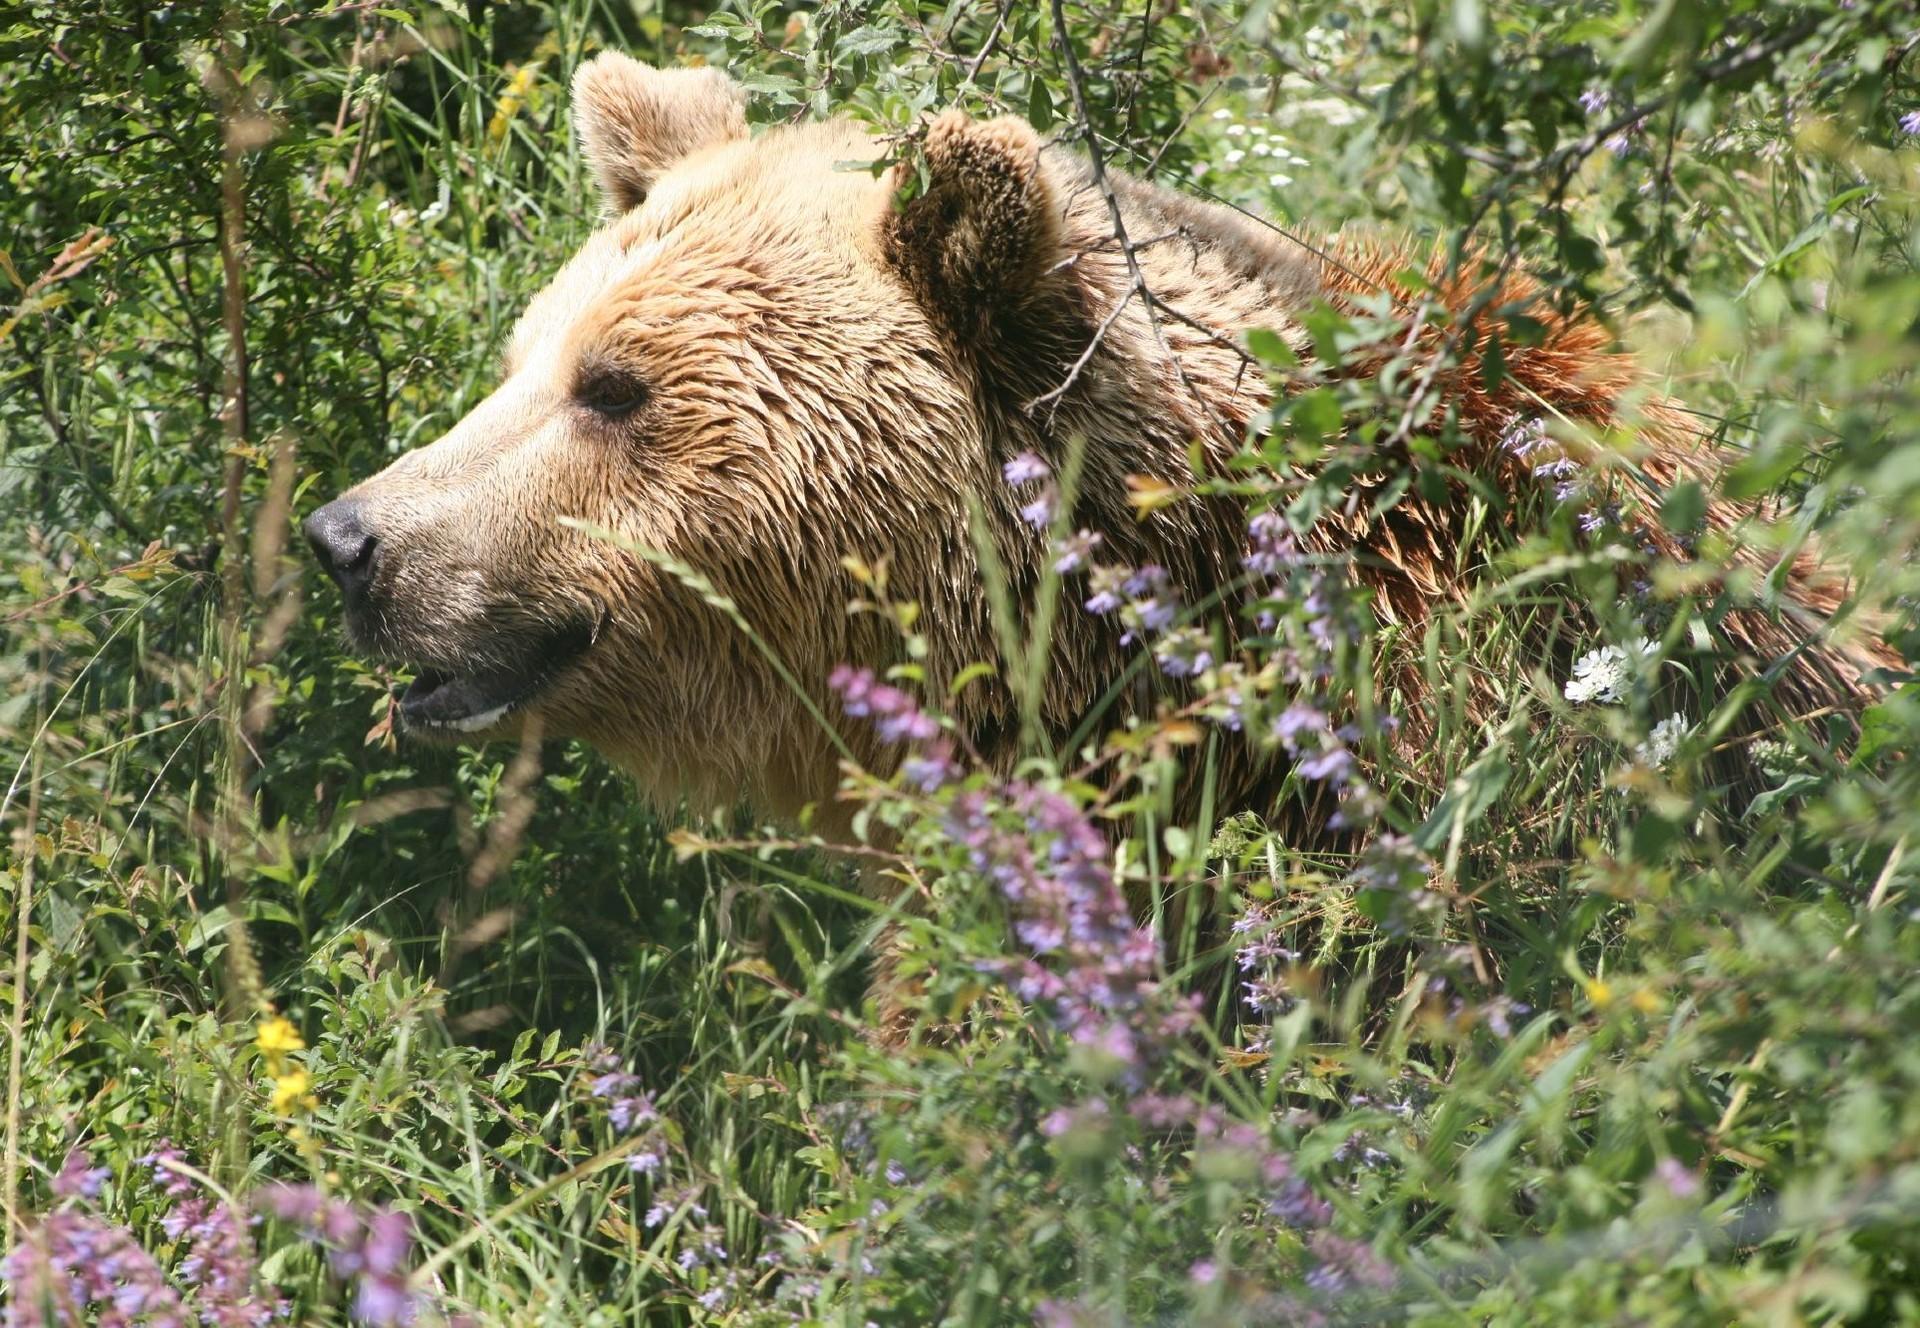 Brown Bear Mira in long grass